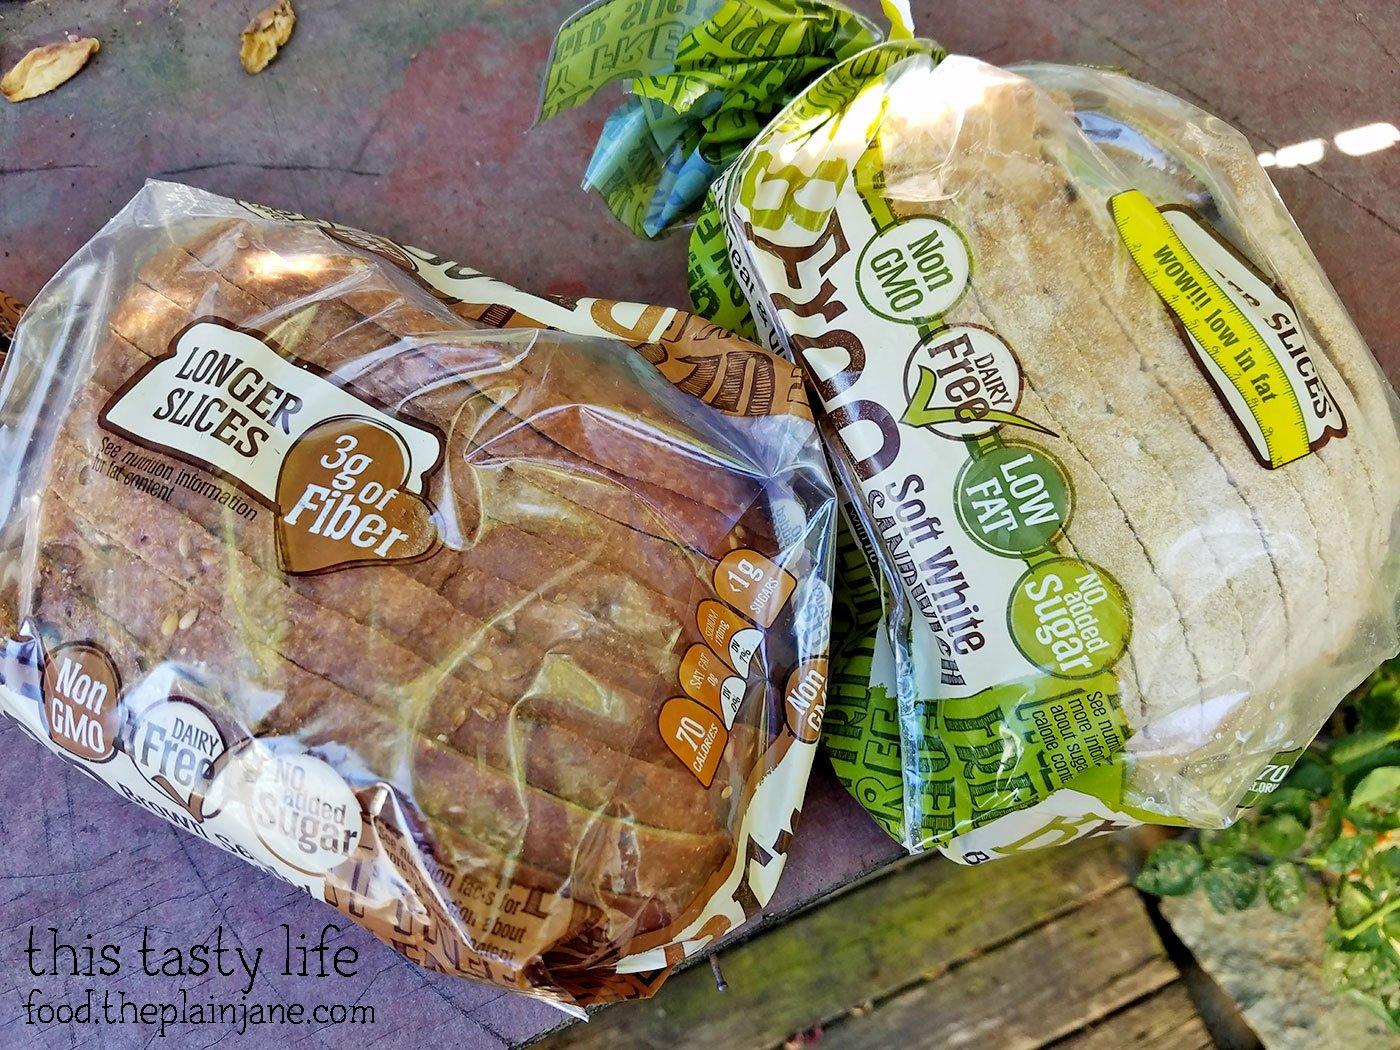 bfree gluten free bread